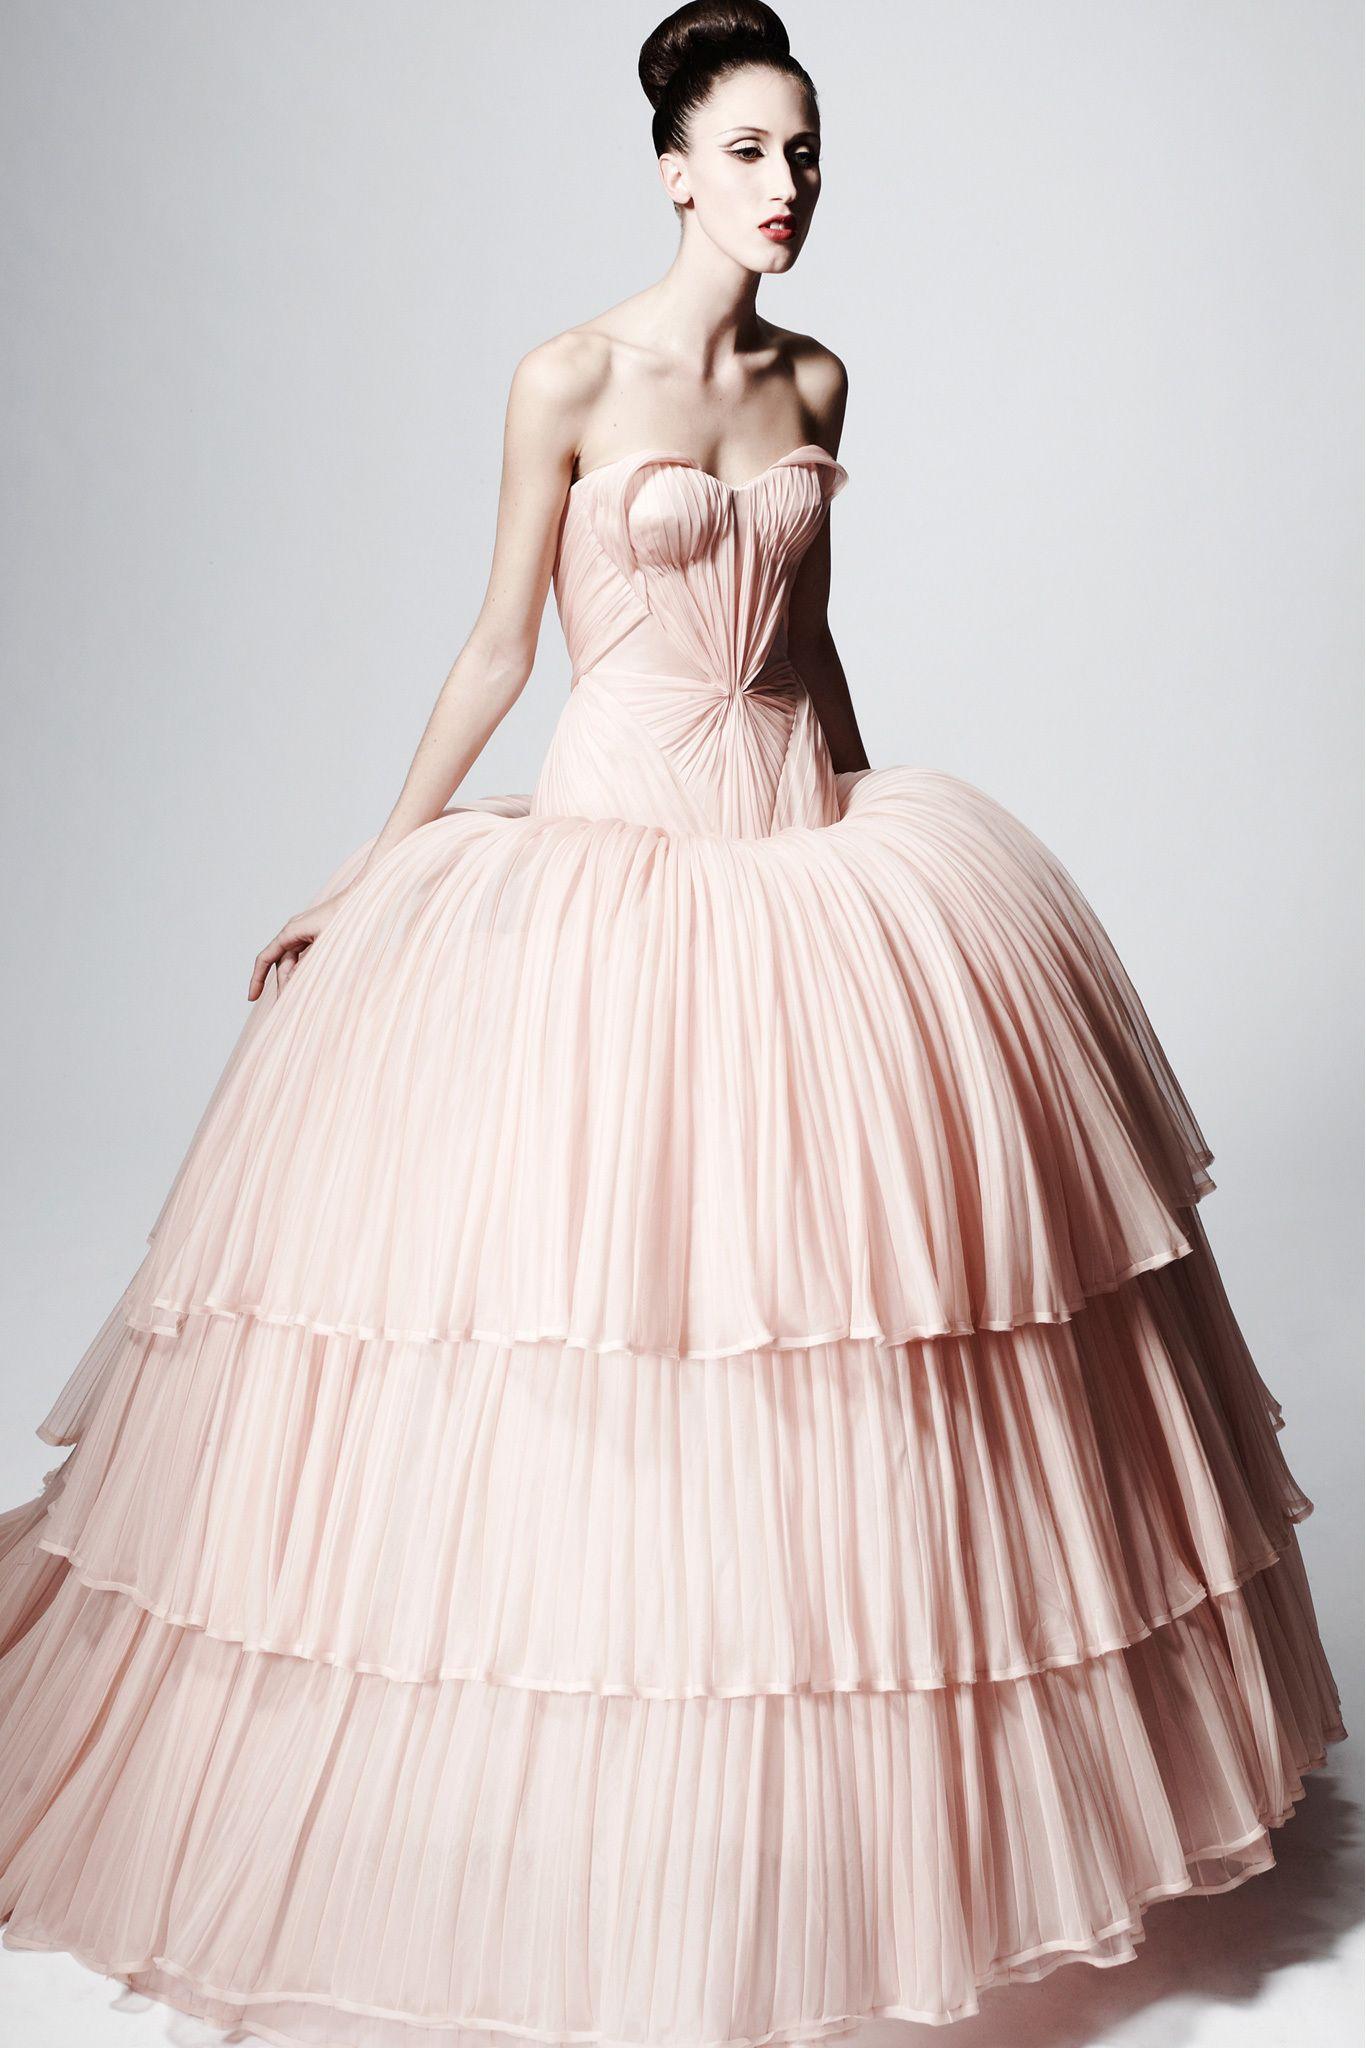 Zac Posen #pink ball gown dress | OI Ball Gowns | Pinterest | Zac ...